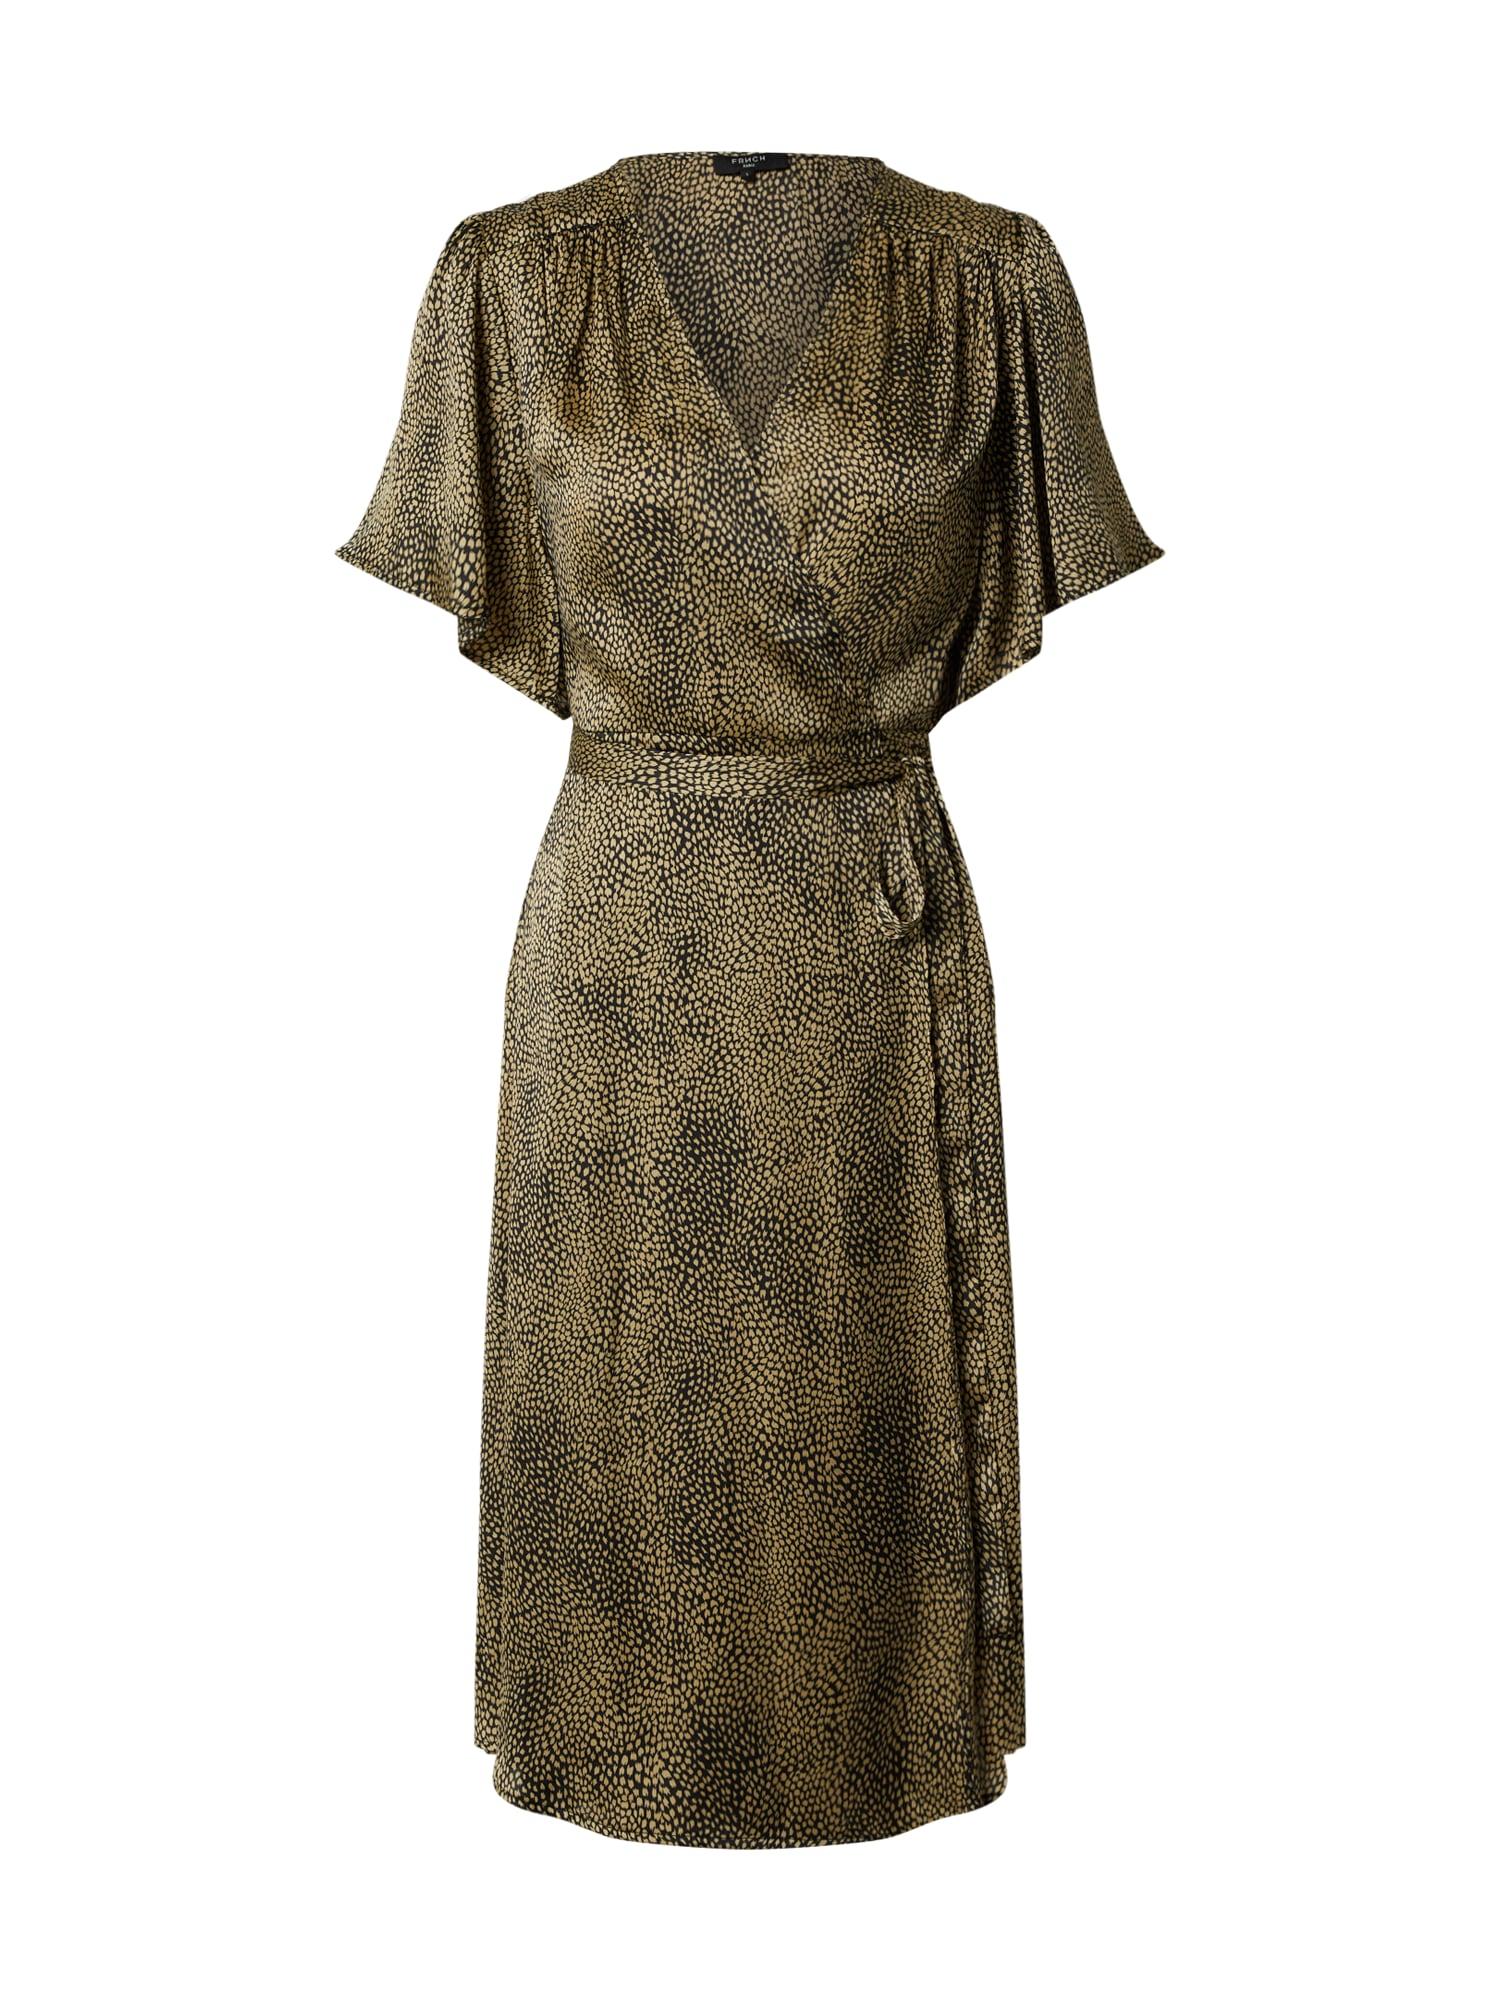 FRNCH PARIS Suknelė juoda / alyvuogių spalva